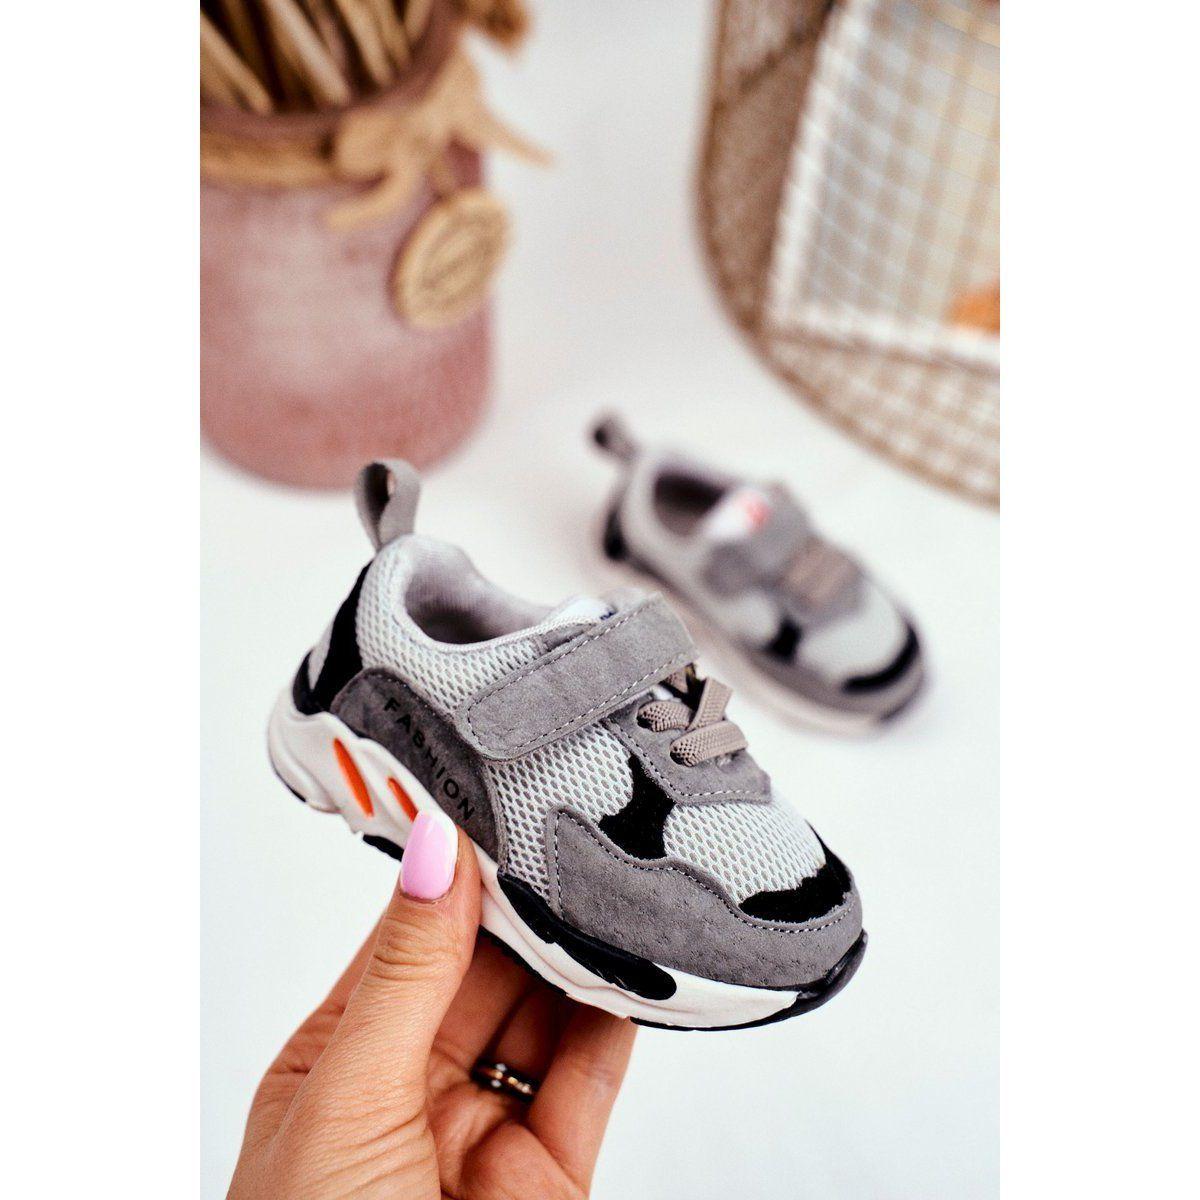 Apawwa Sportowe Buty Dzieciece Na Rzep Szare Yetto Baby Shoes Shoes Fashion